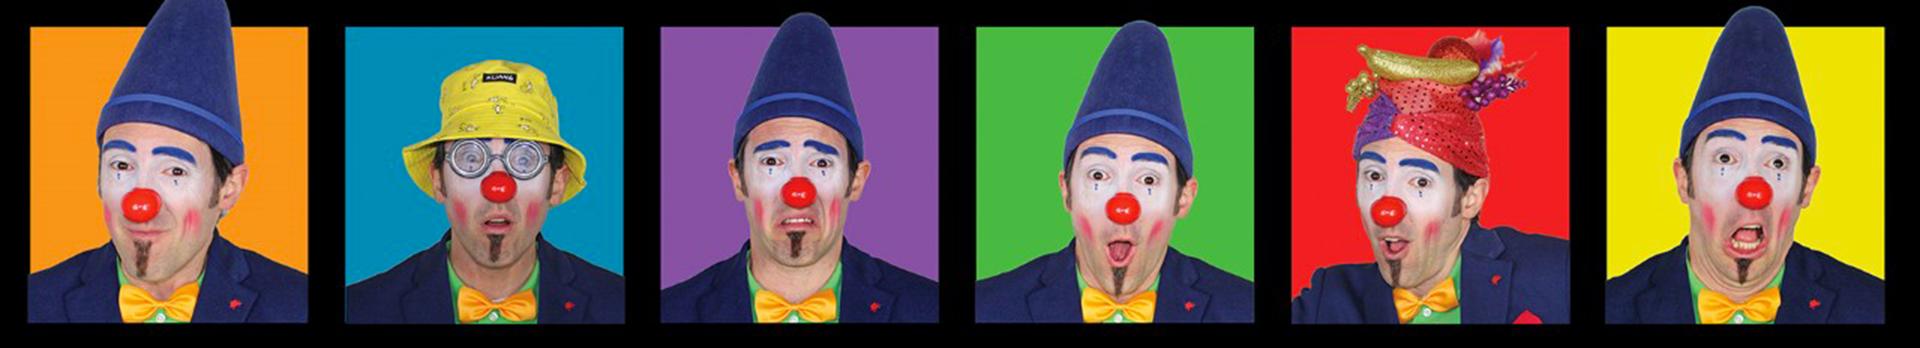 Bannière expression Jimmy